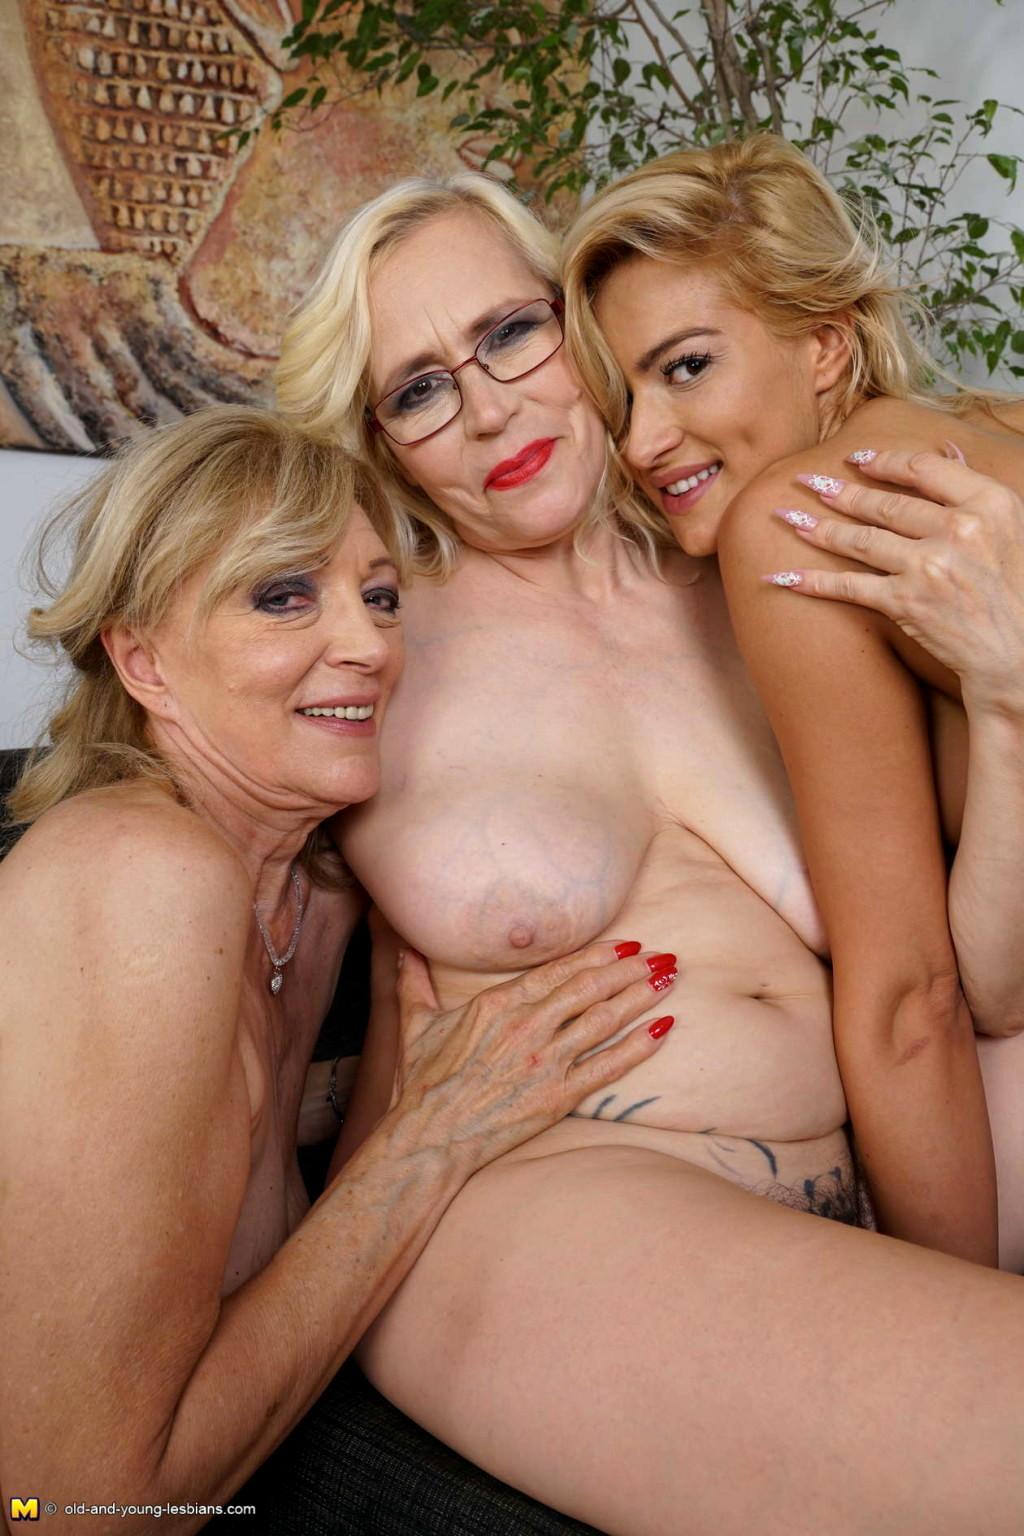 Mature And Teen Lesbian Pics